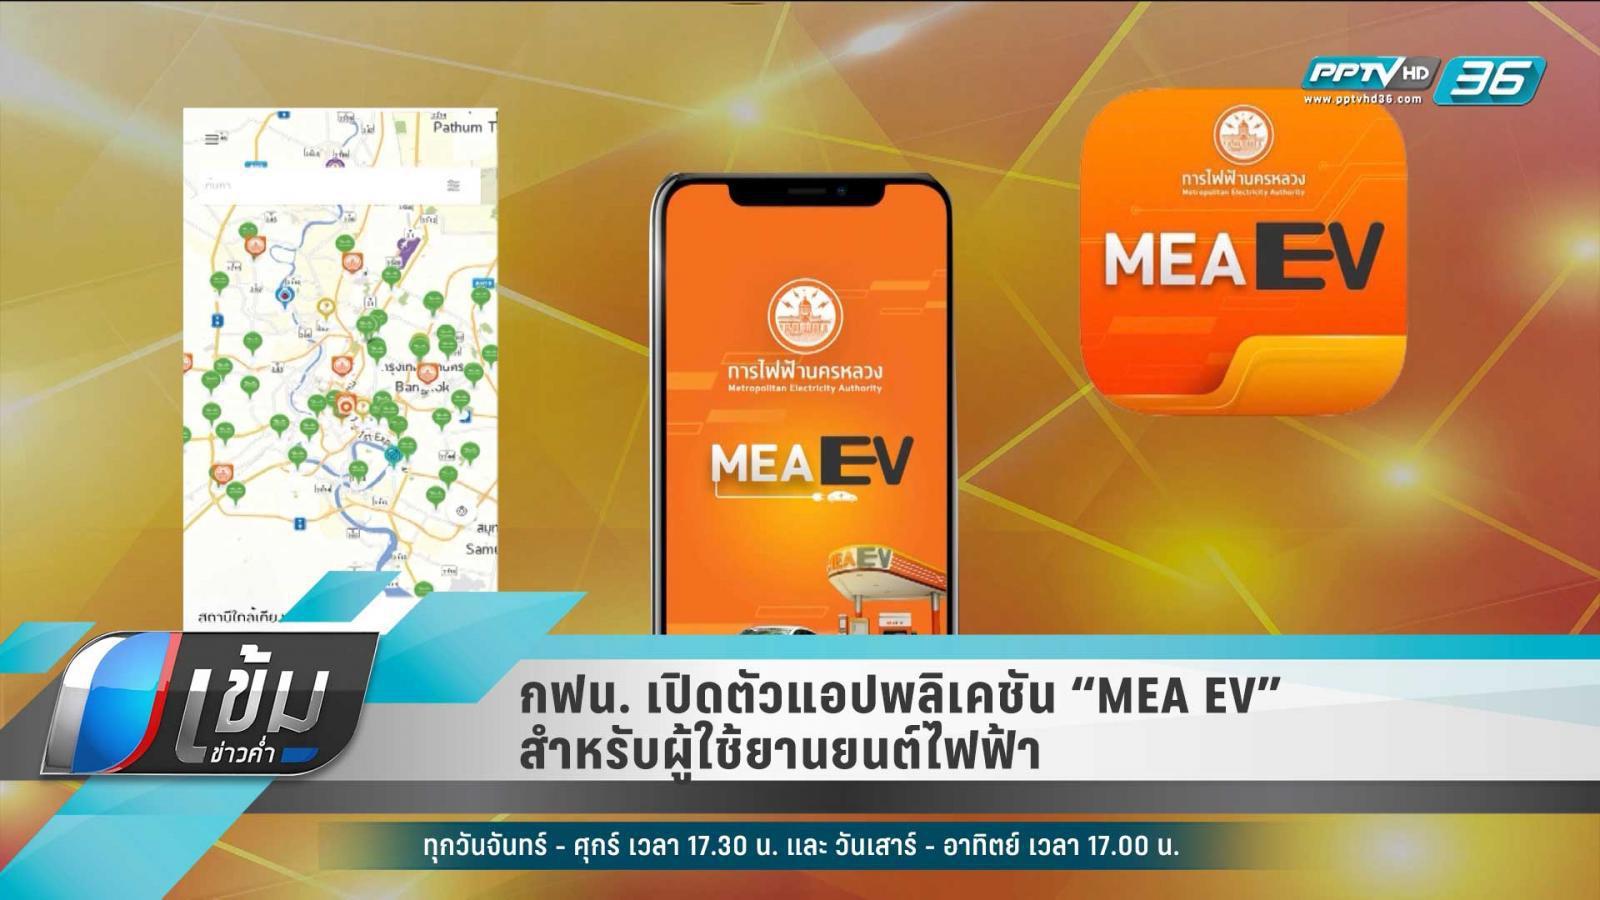 """กฟน. เปิดตัวแอปพลิเคชัน """"MEA EV"""" สำหรับผู้ใช้ยานยนต์ไฟฟ้า"""